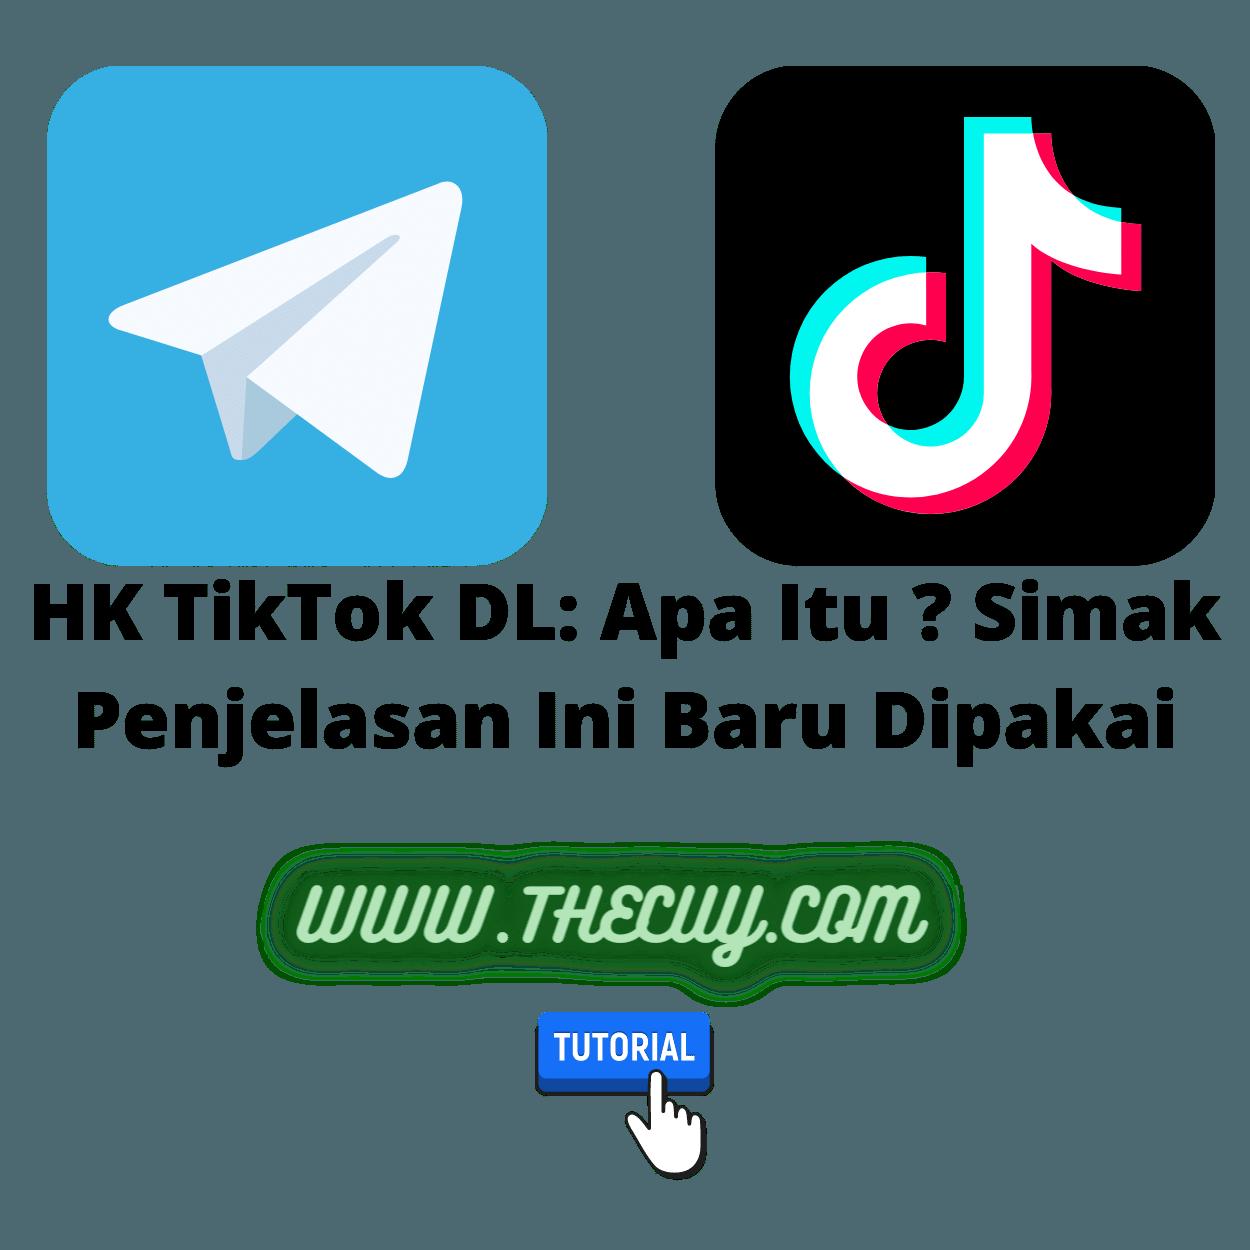 HK TikTok DL: Apa Itu ? Simak Penjelasan Ini Baru Dipakai